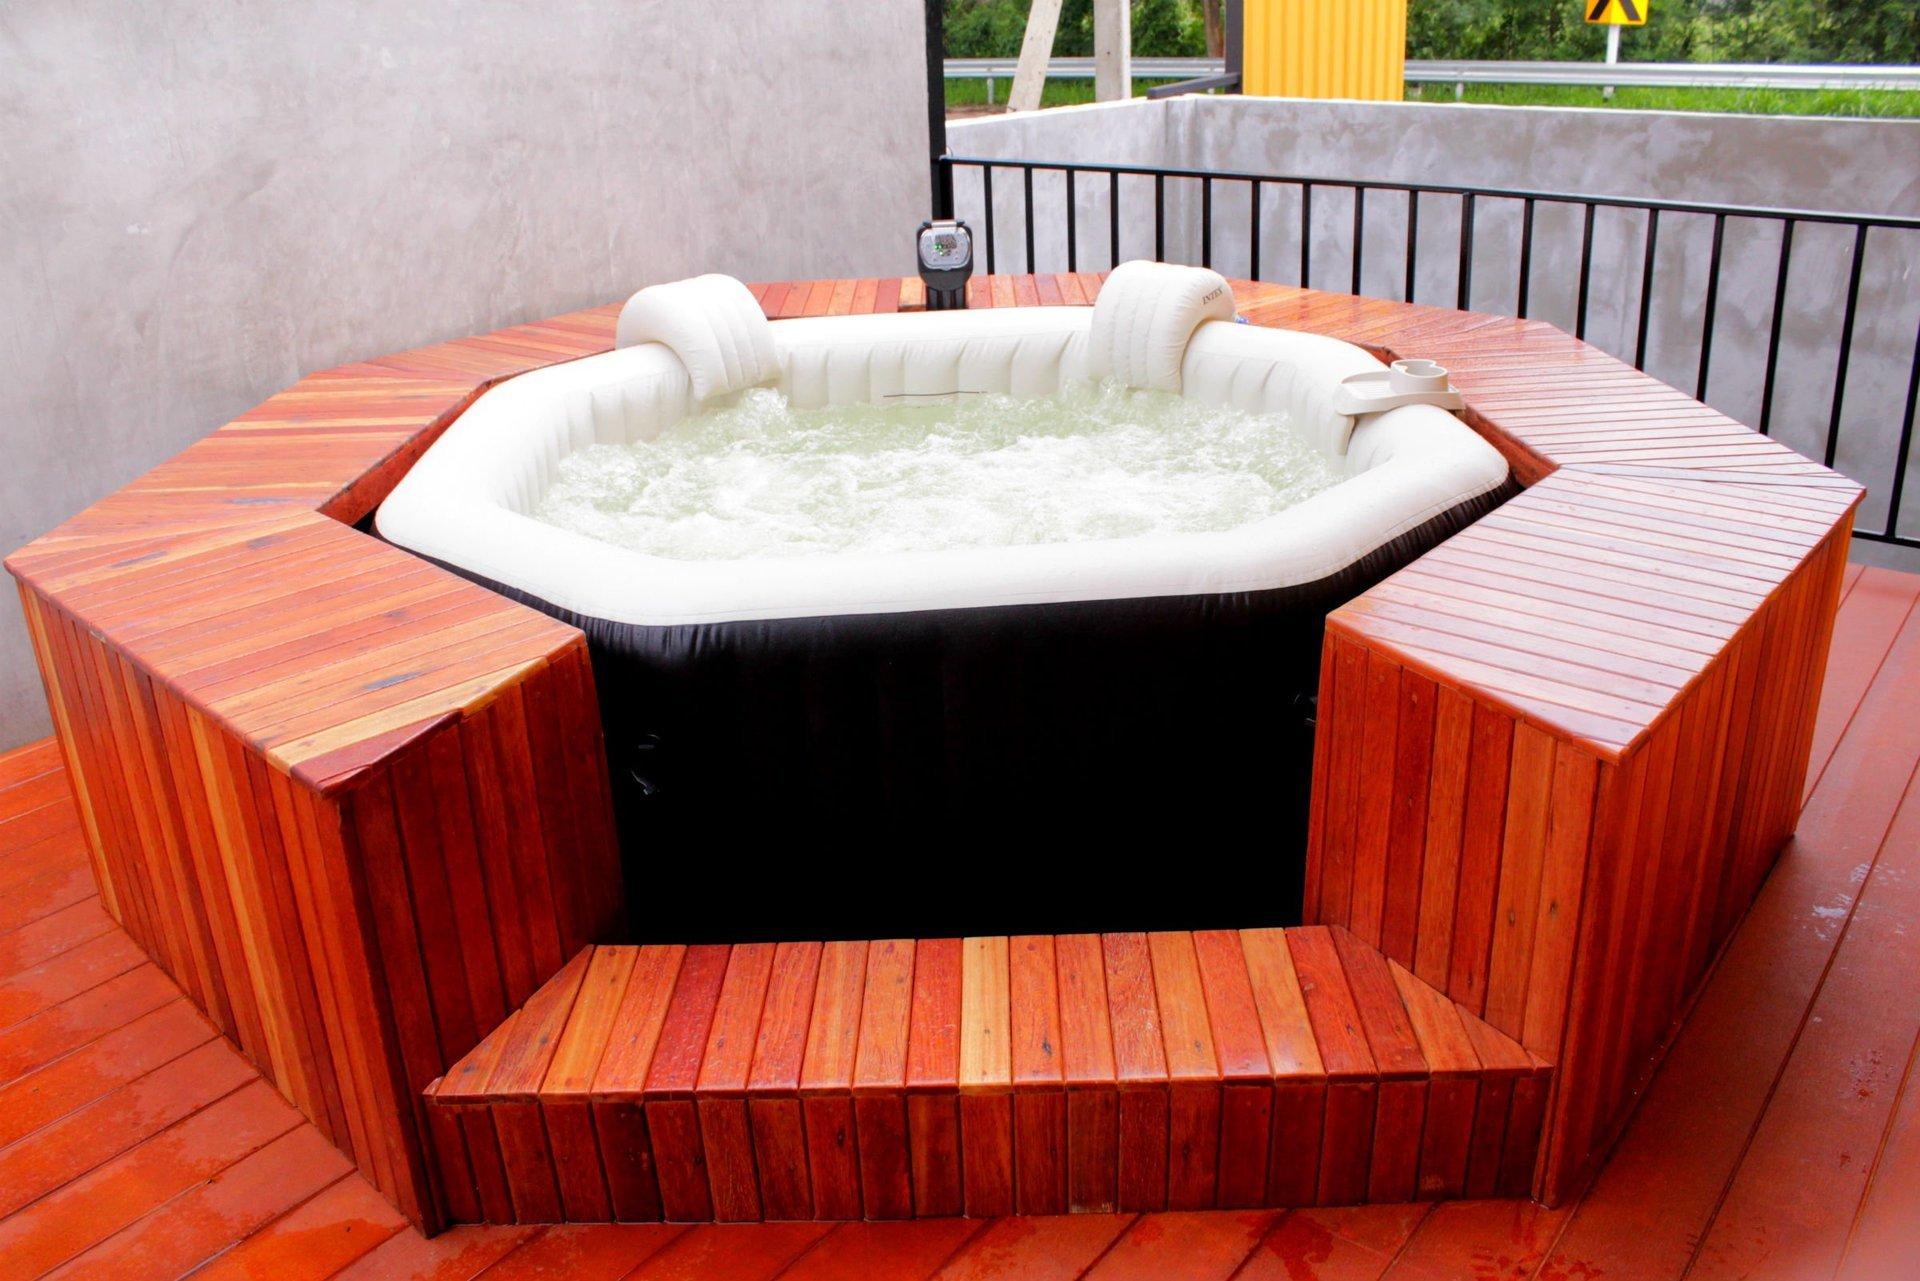 อ่างน้ำจากุซซี่  INTEX PURE SPA อ่างจากุซซี่น้ำวน อ่างน้ำร้อนวิลล่า รีสอร์ท สปา อ่างน้ำโรงแรม hot tub Portable